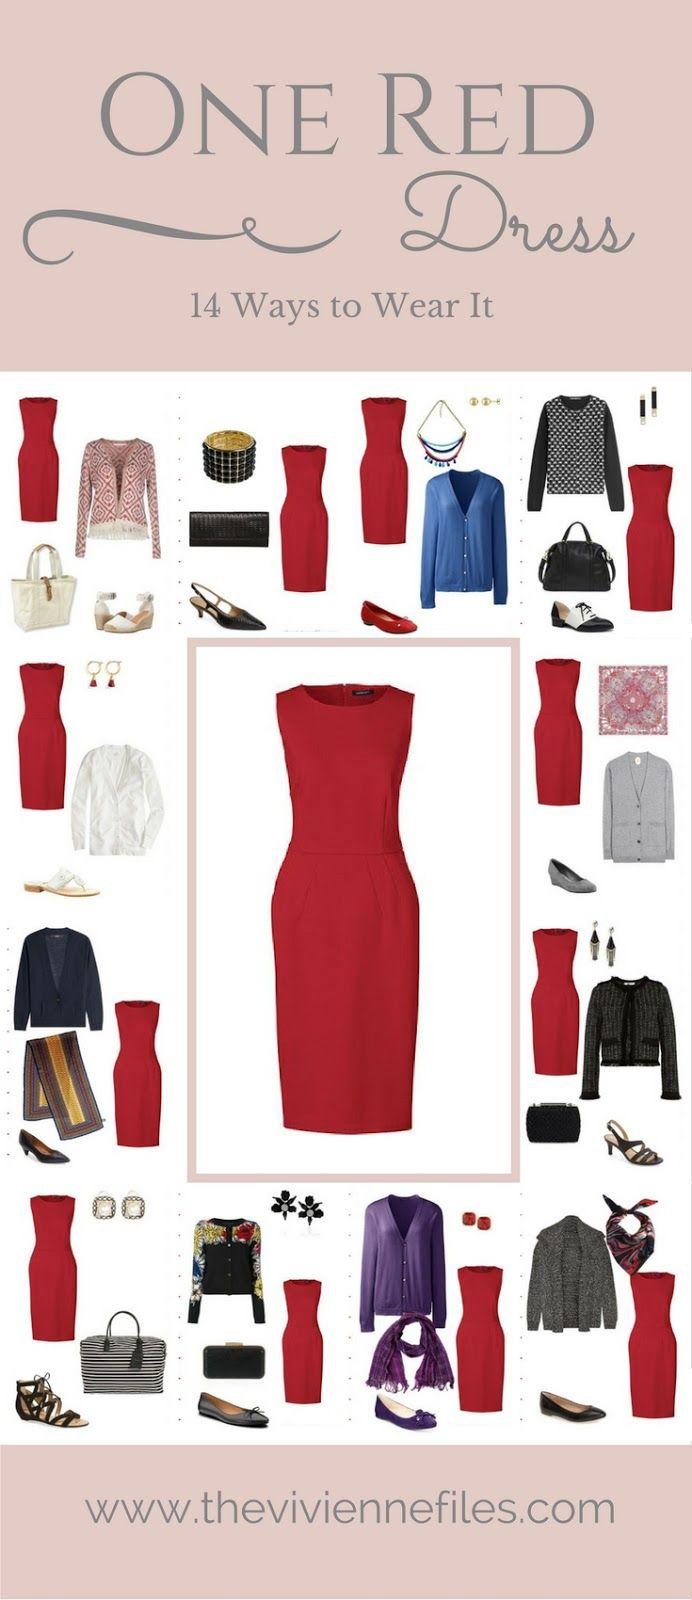 One Red Dress In A Capsule Wardrobe: Fourteen Ways To Wear